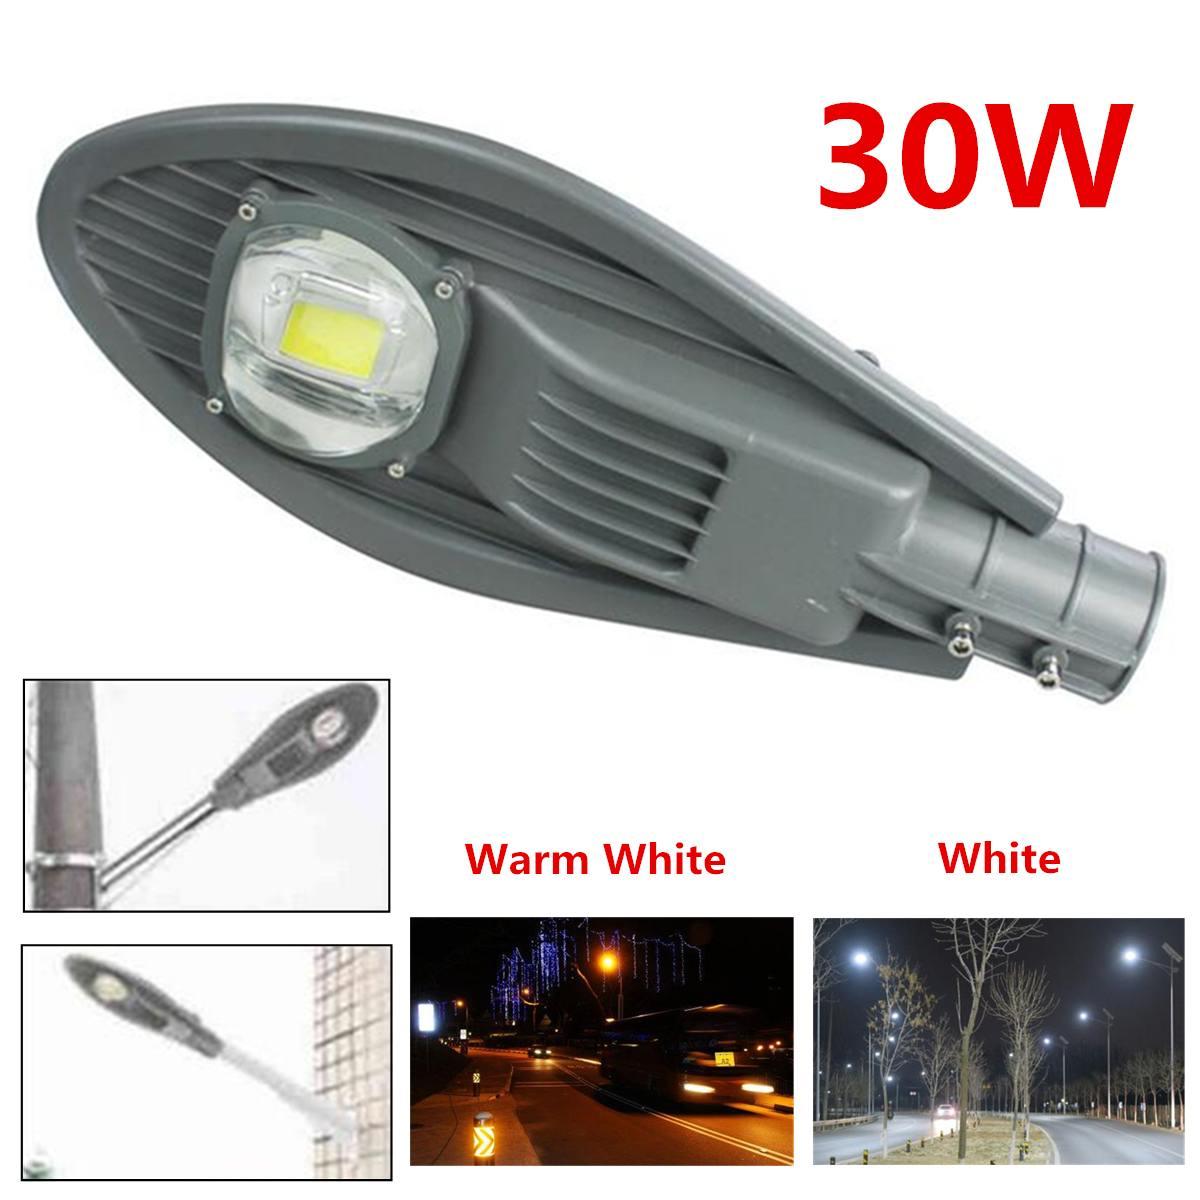 Gris 30 W lampadaire LED imperméable à l'eau en plein air lampe de nuit parc carré route hôtel pont chemin lumière décoration éclairage extérieur